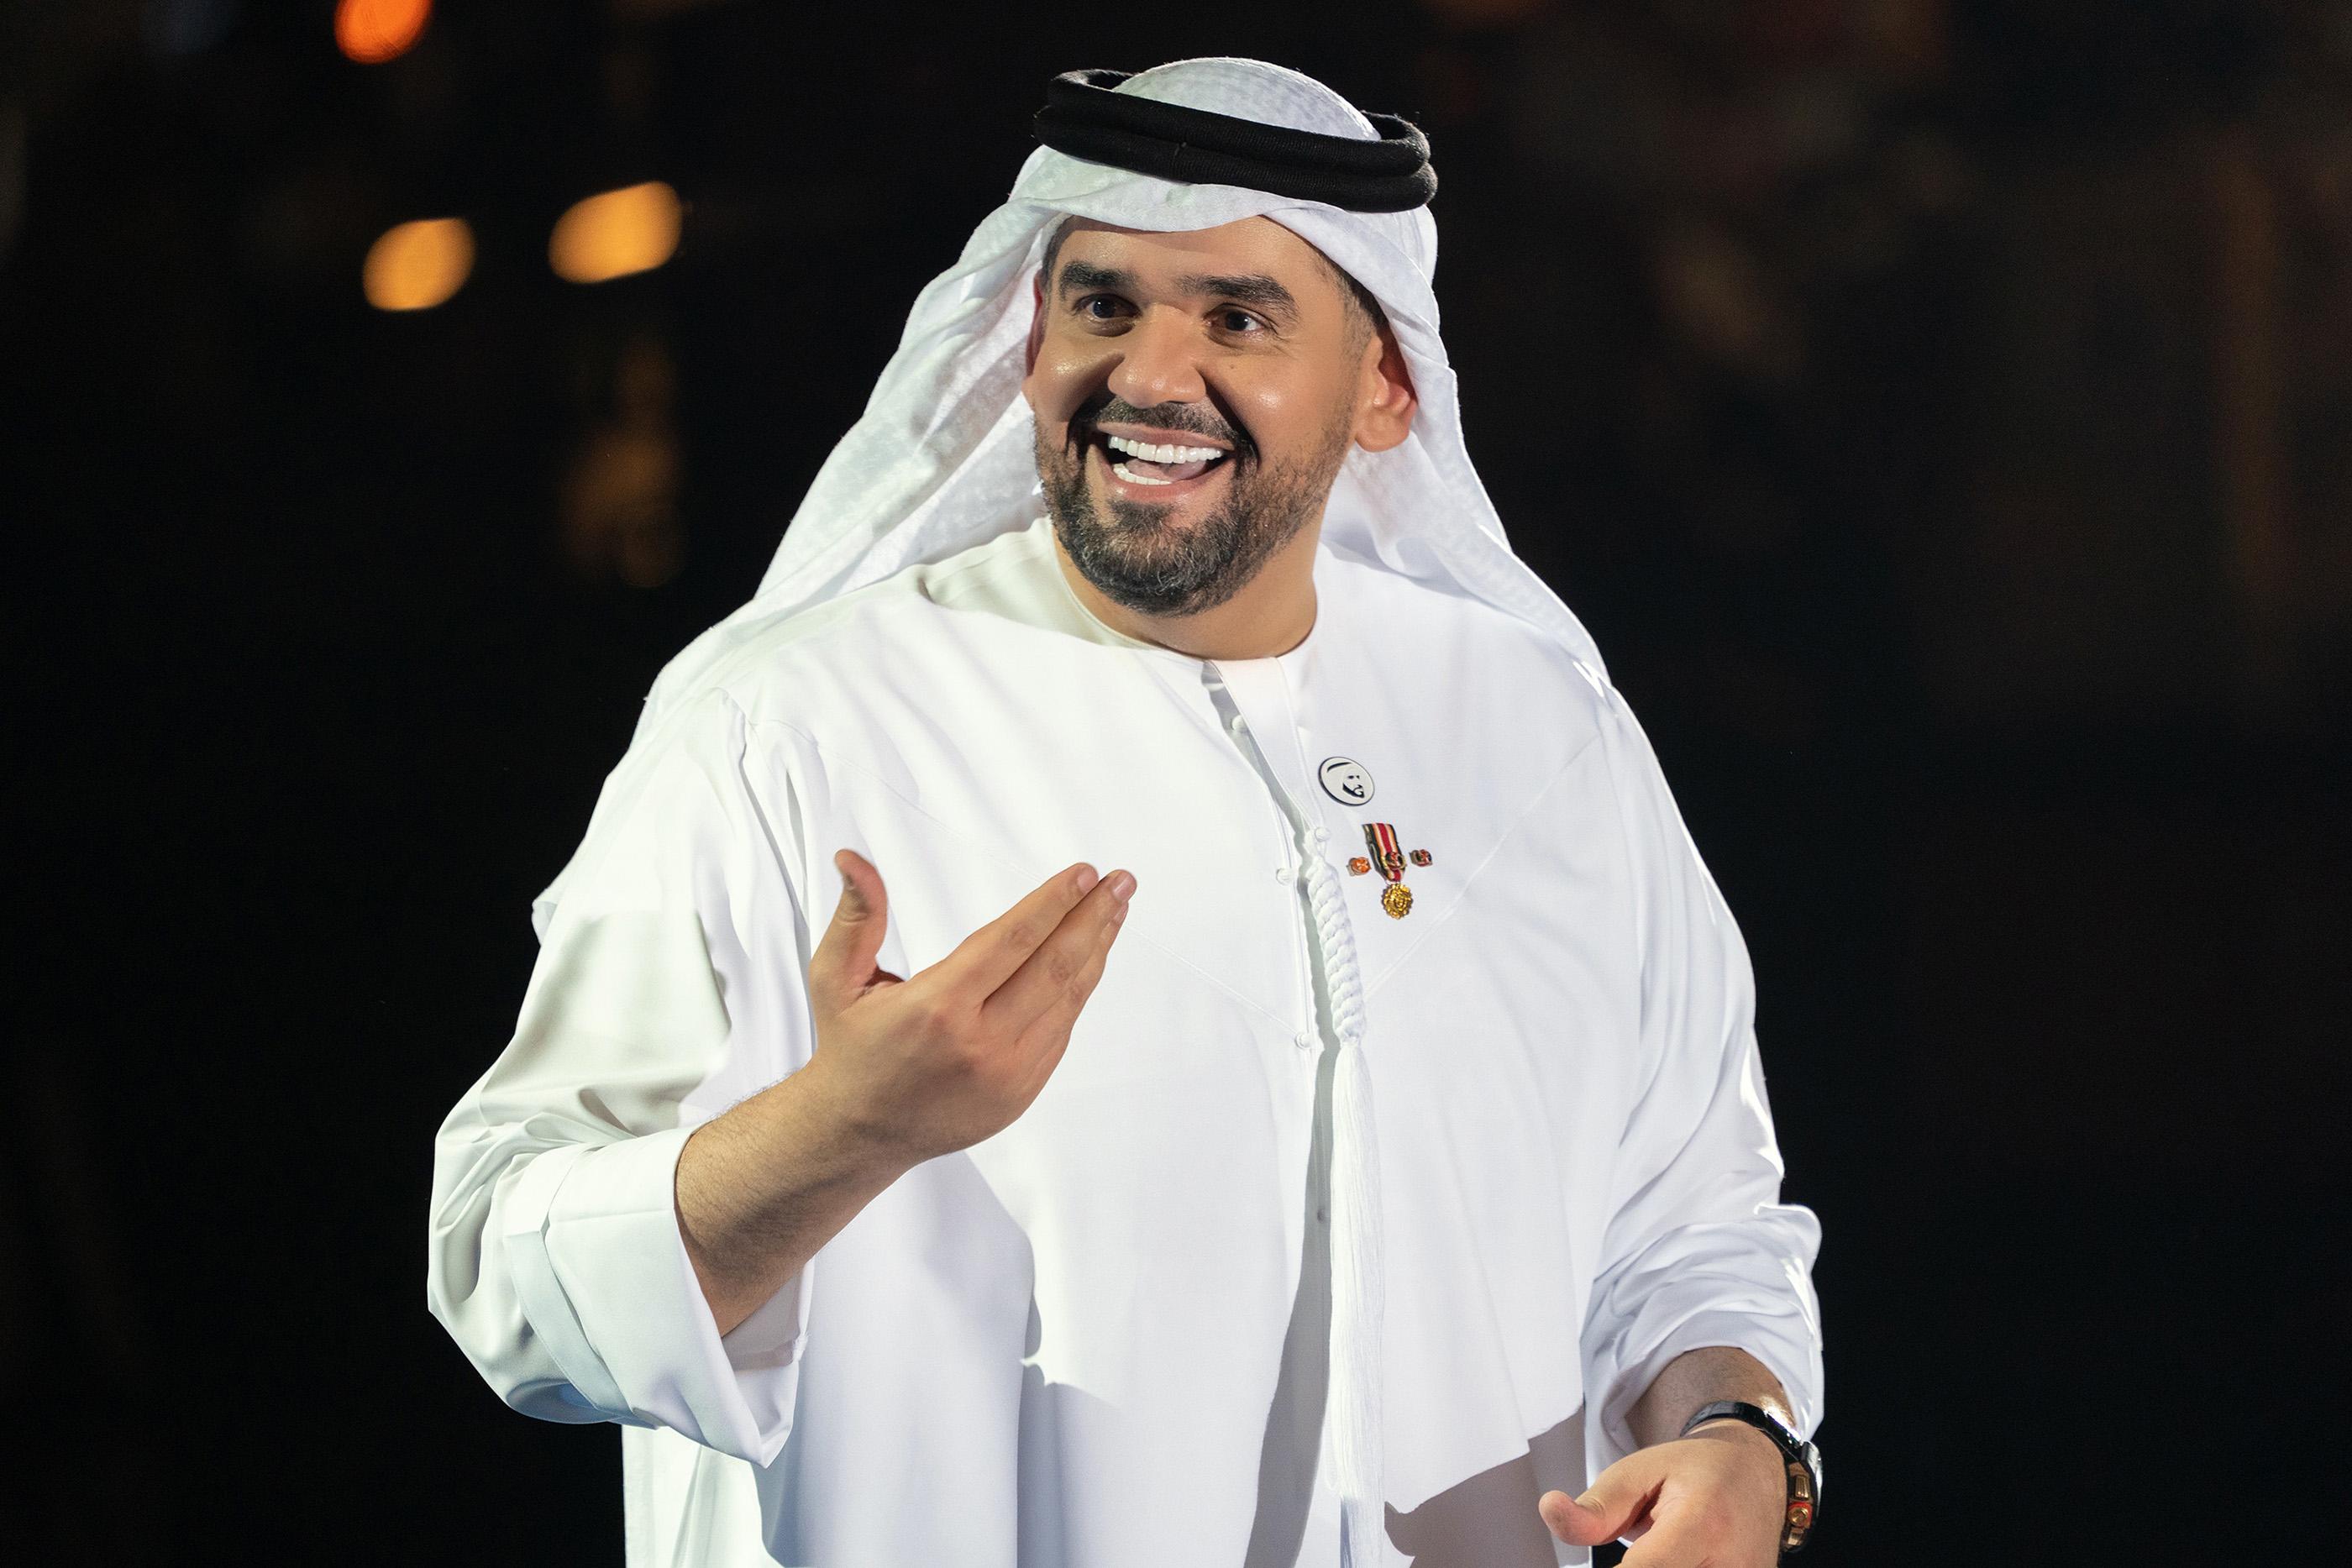 الجسمي يفتتح مهرجان دبي للتسوق بحفل مليء بالمفاجآت